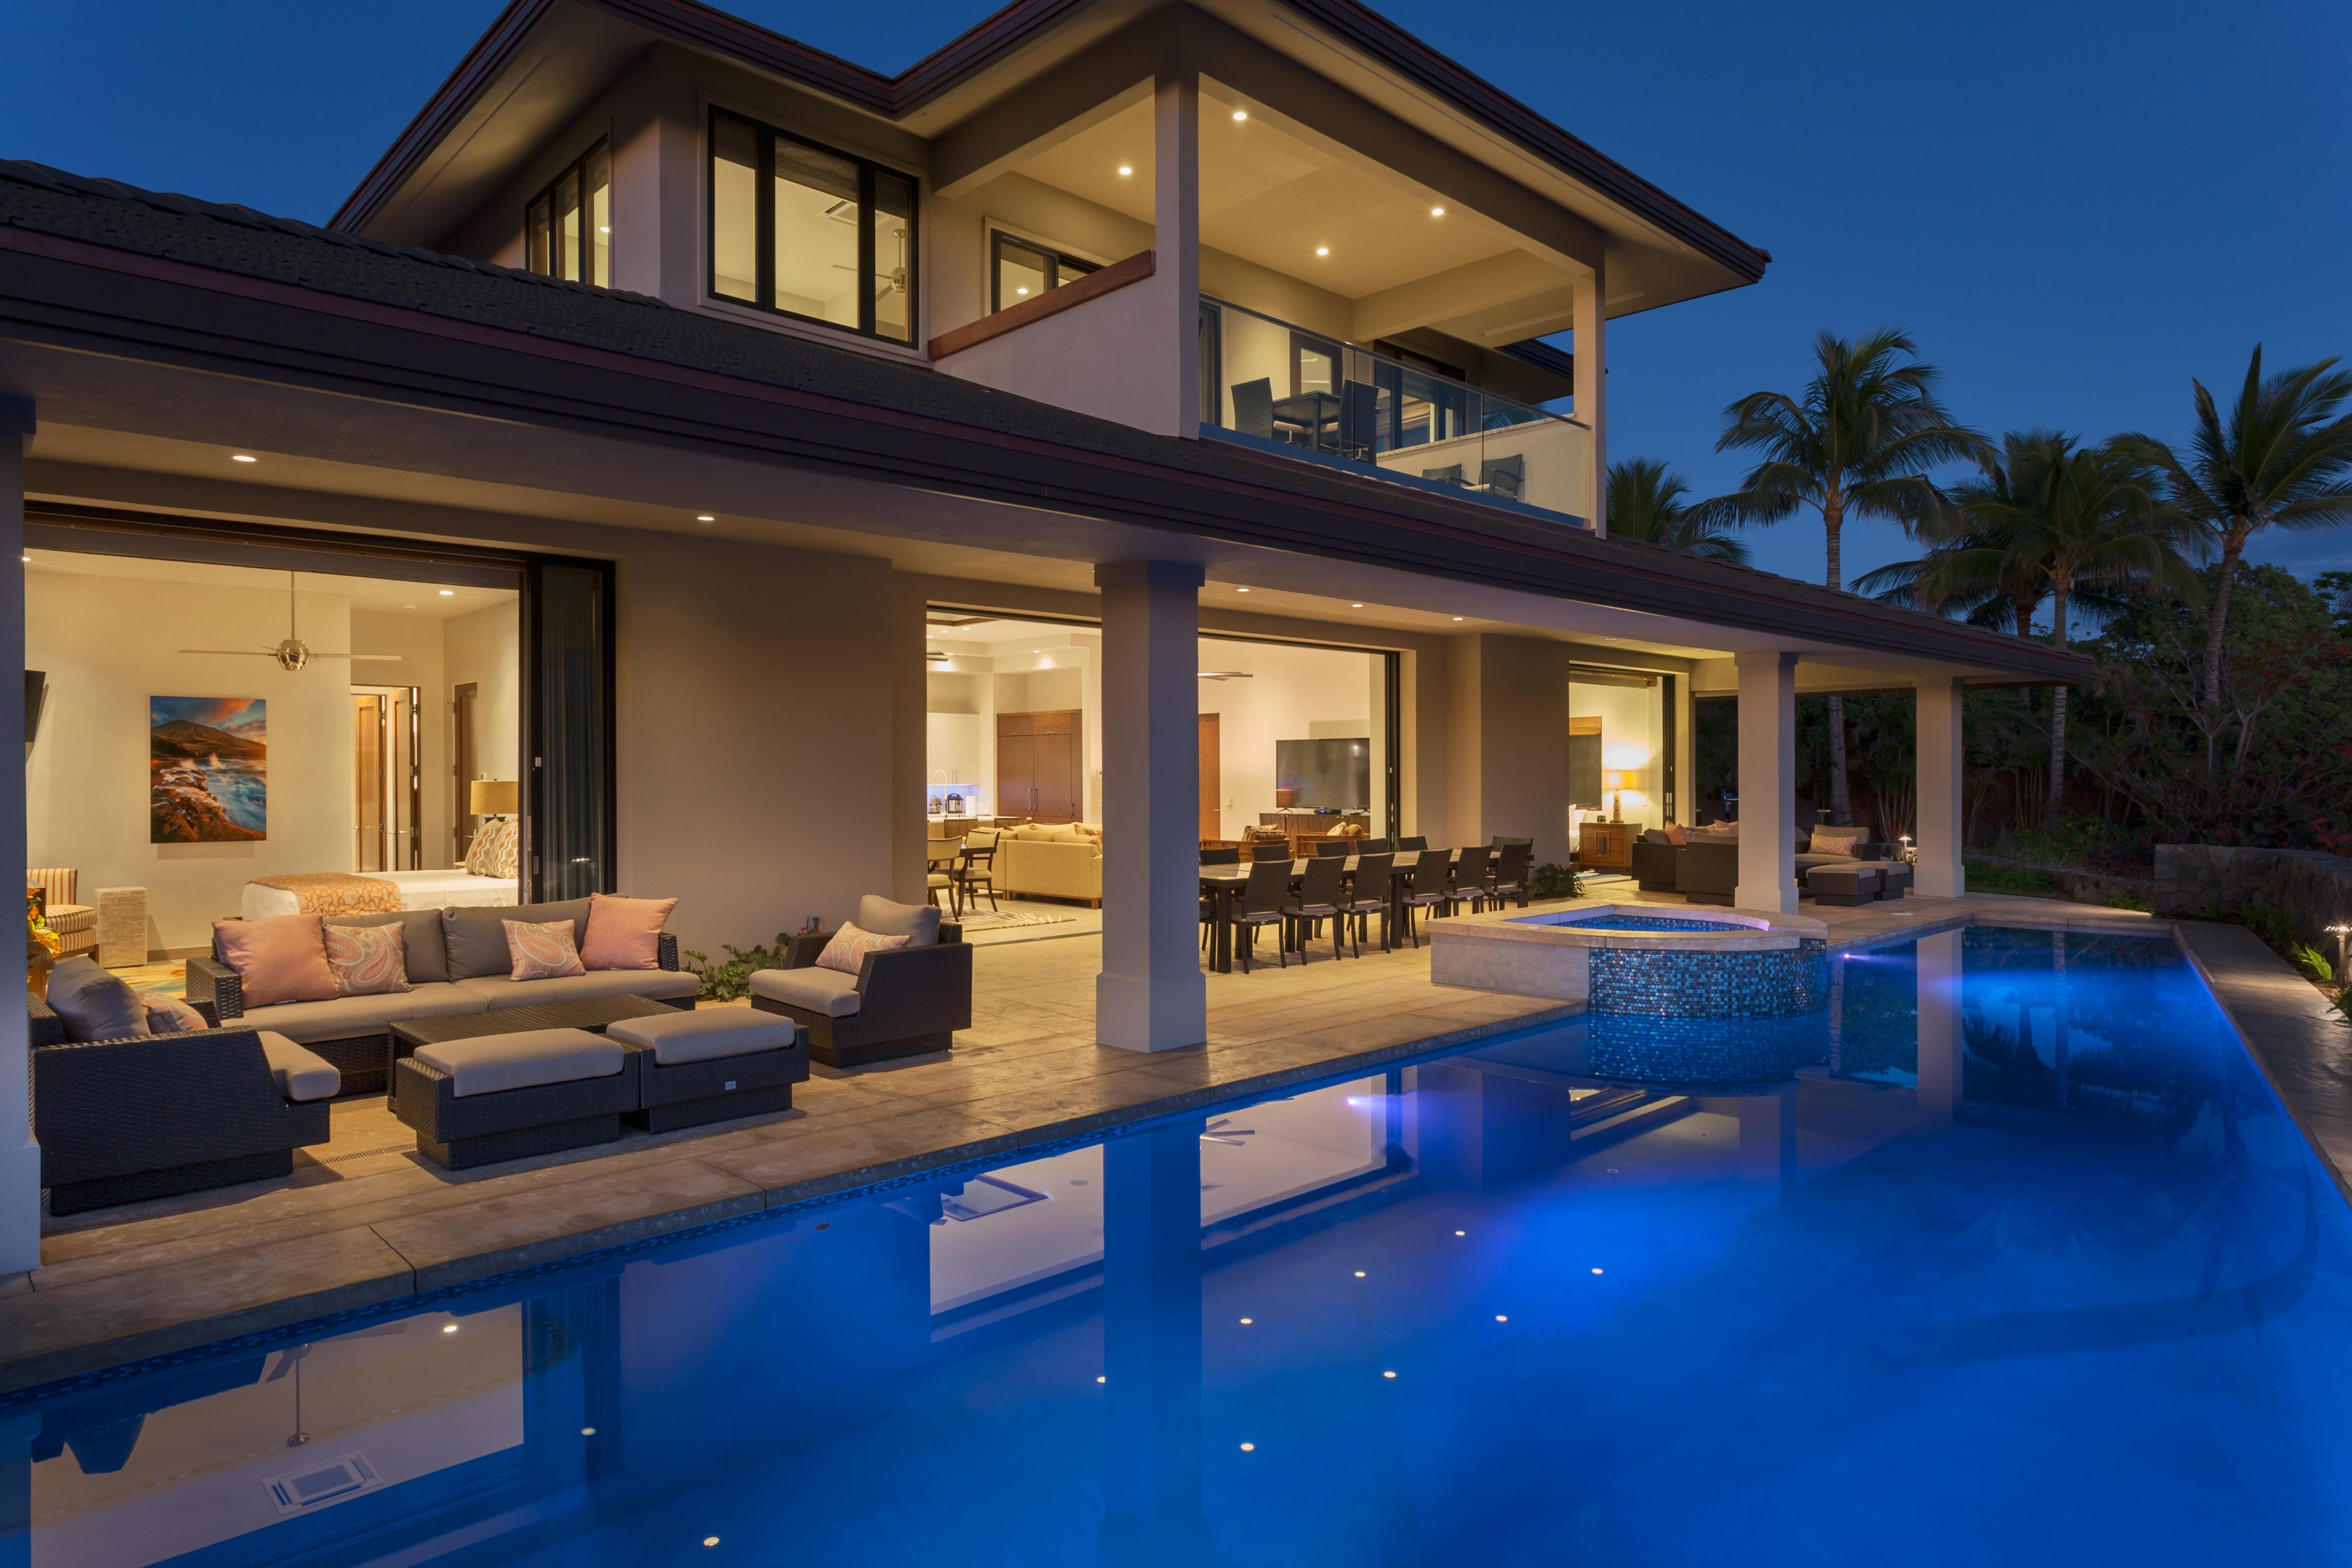 Hawaii 409 - 15